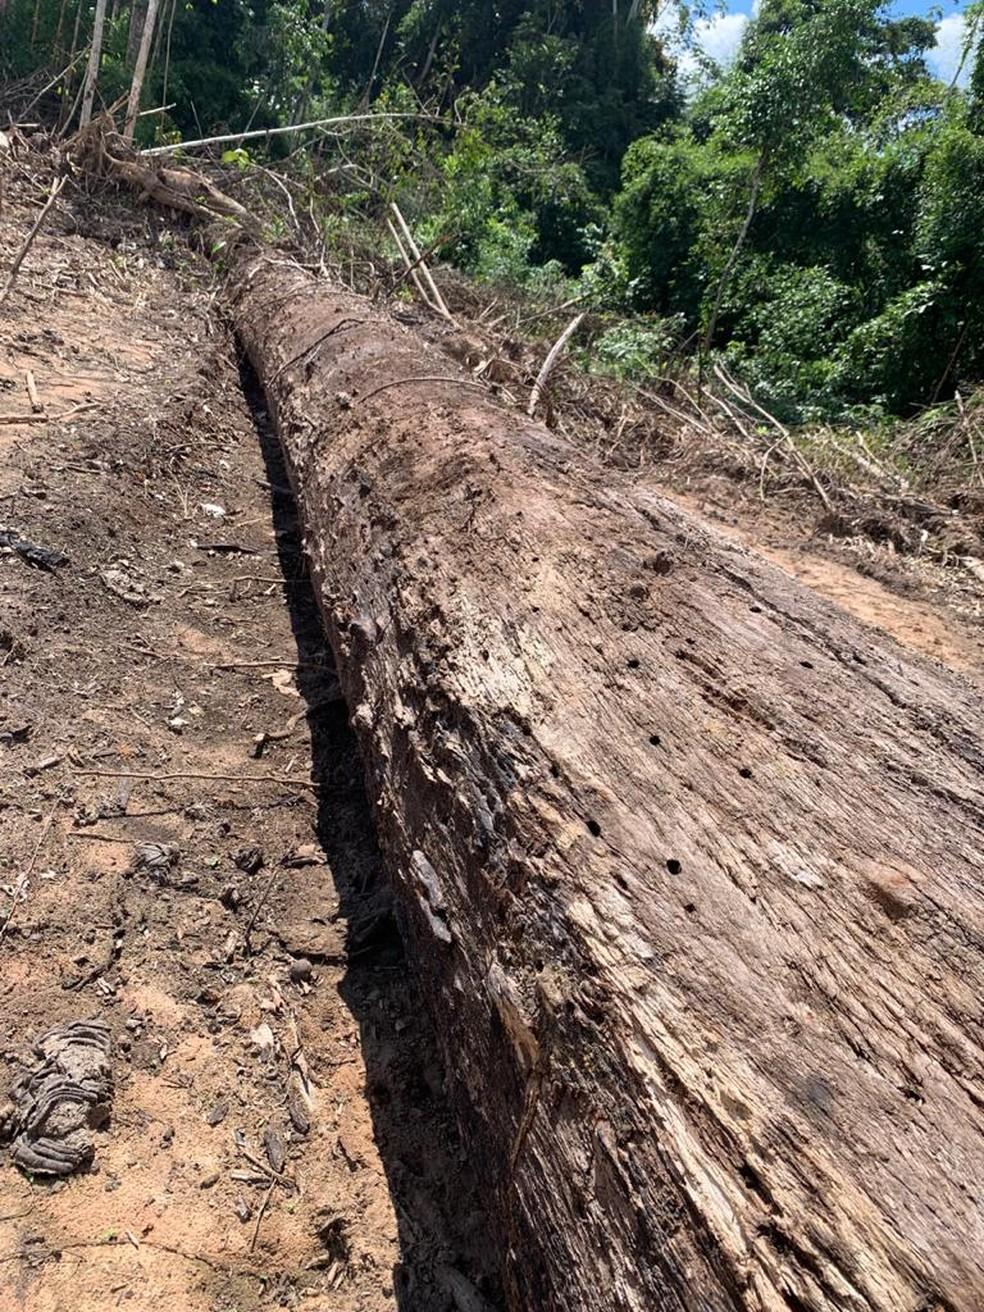 Foram achadas árvores derrubadas para abertura de estrada de terra, segundo a Polícia Civil  — Foto: Arquivo/Polícia Civil